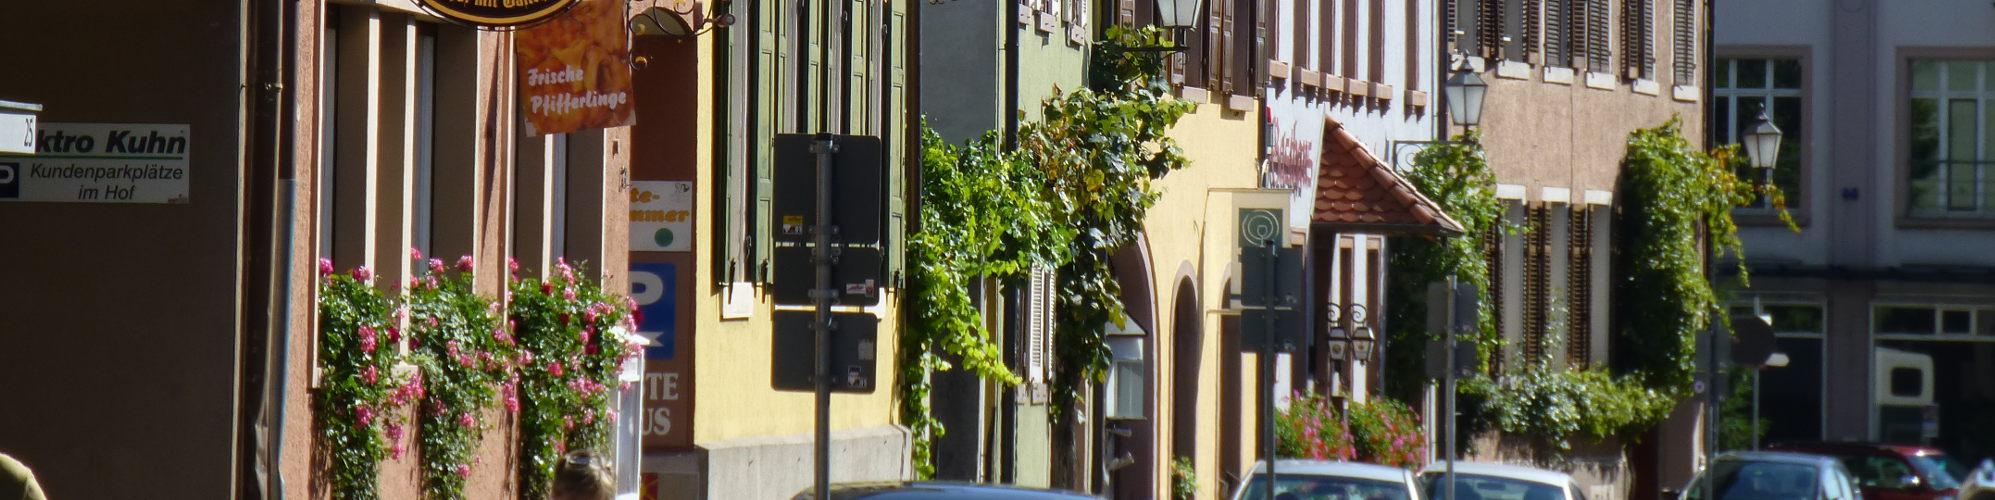 Häuser in Ihringen